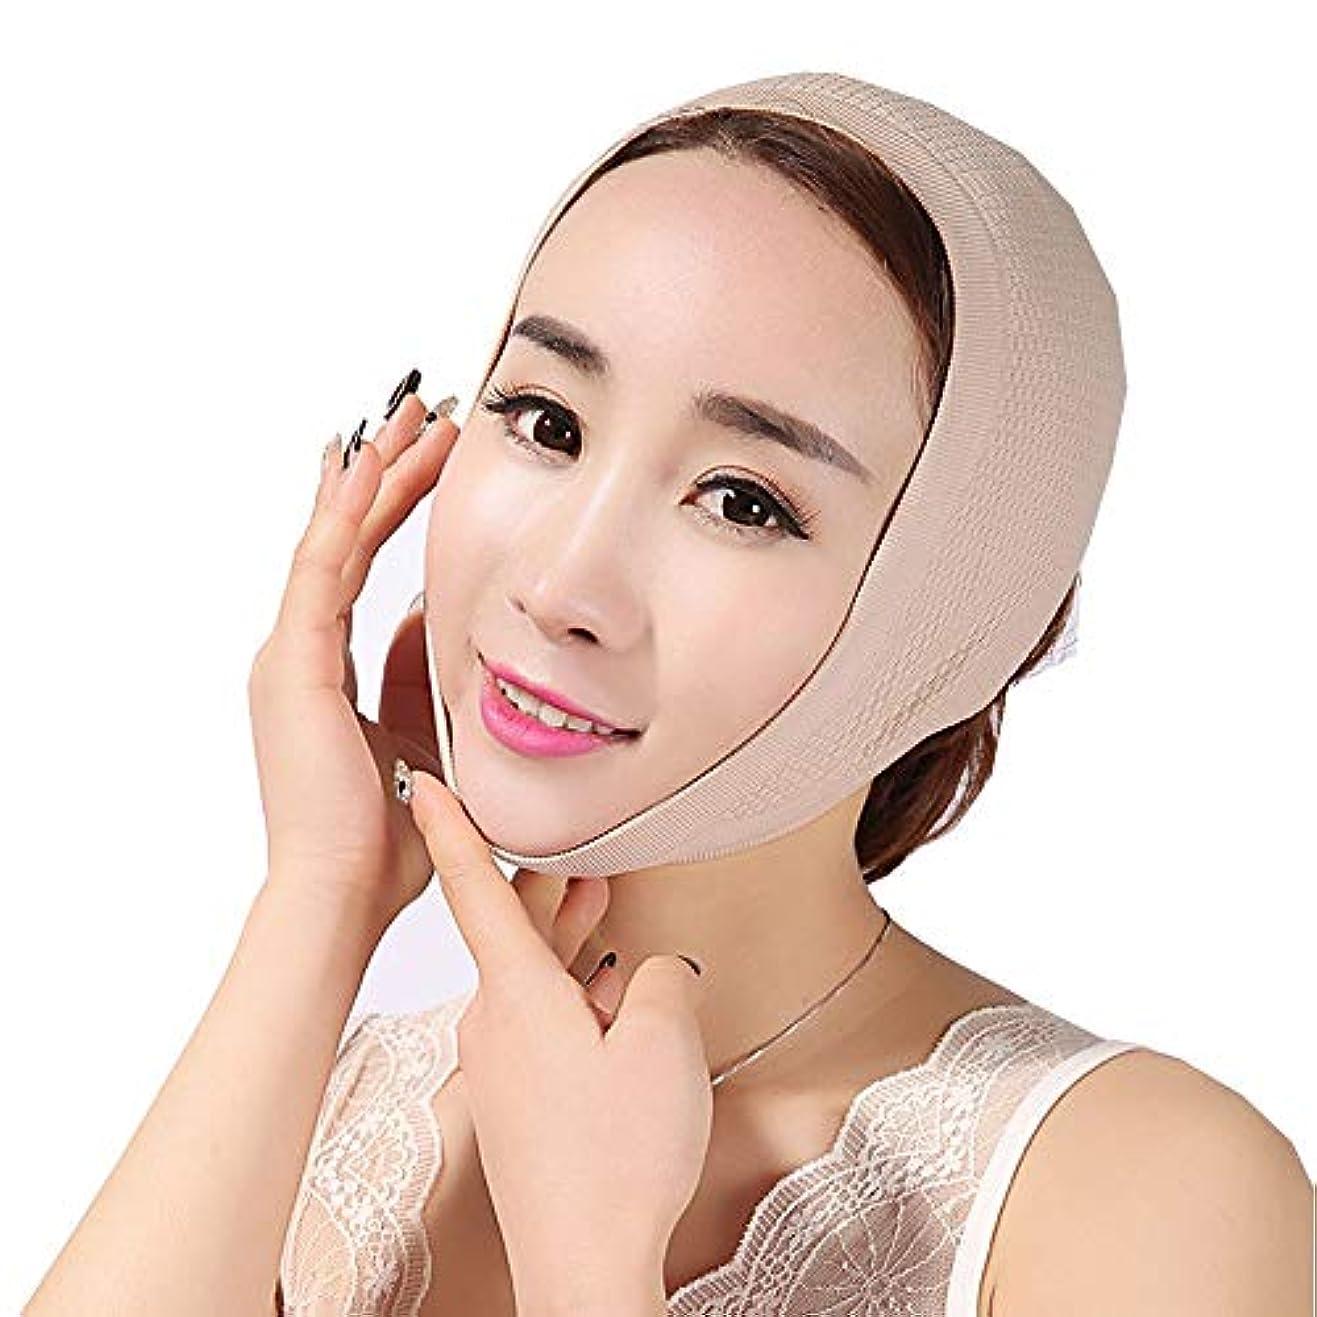 きょうだいイヤホン事前にJia Jia- フェイスマスクで眠る薄い顔フェイスリフトフェイスリフトアーティファクトスモールフェイスVフェイスリフト付きフェイスフェイス包帯引き上げジョーセット 顔面包帯